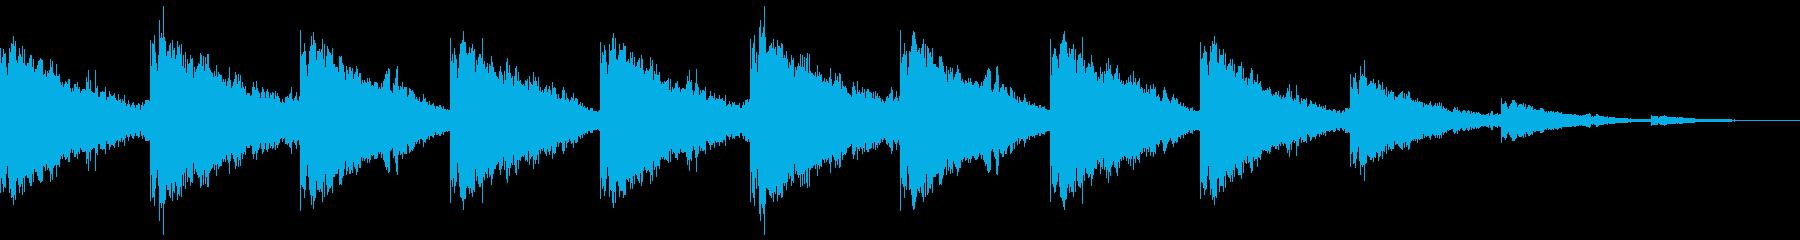 退廃的な街・ポストアポカリプス的BGMの再生済みの波形